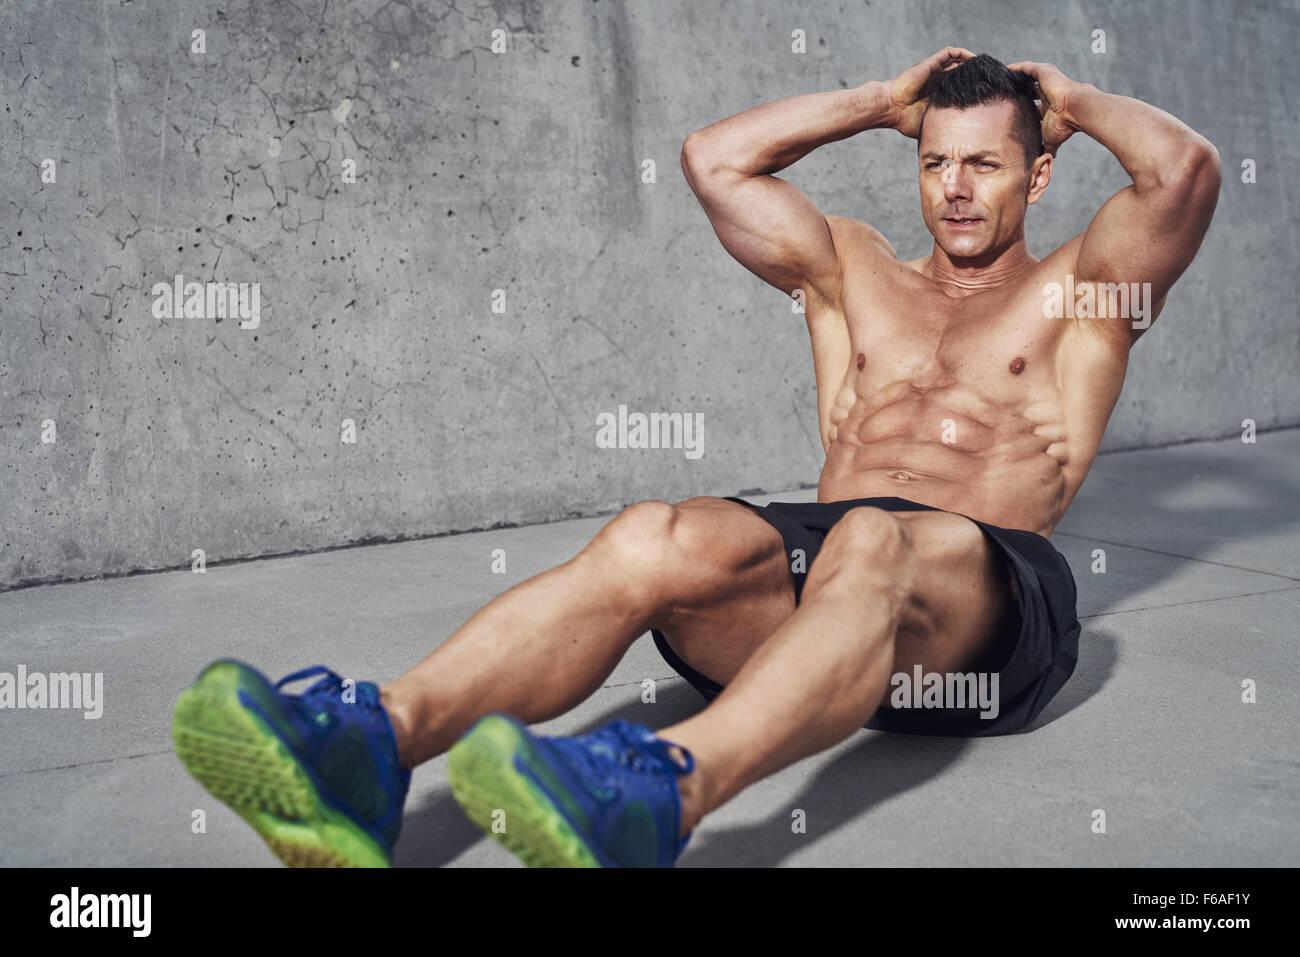 Männliche fitness Modell dabei Sit Ups und Crunches trainieren Bauchmuskulatur, Six Pack sichtbar tragen kein Stockbild